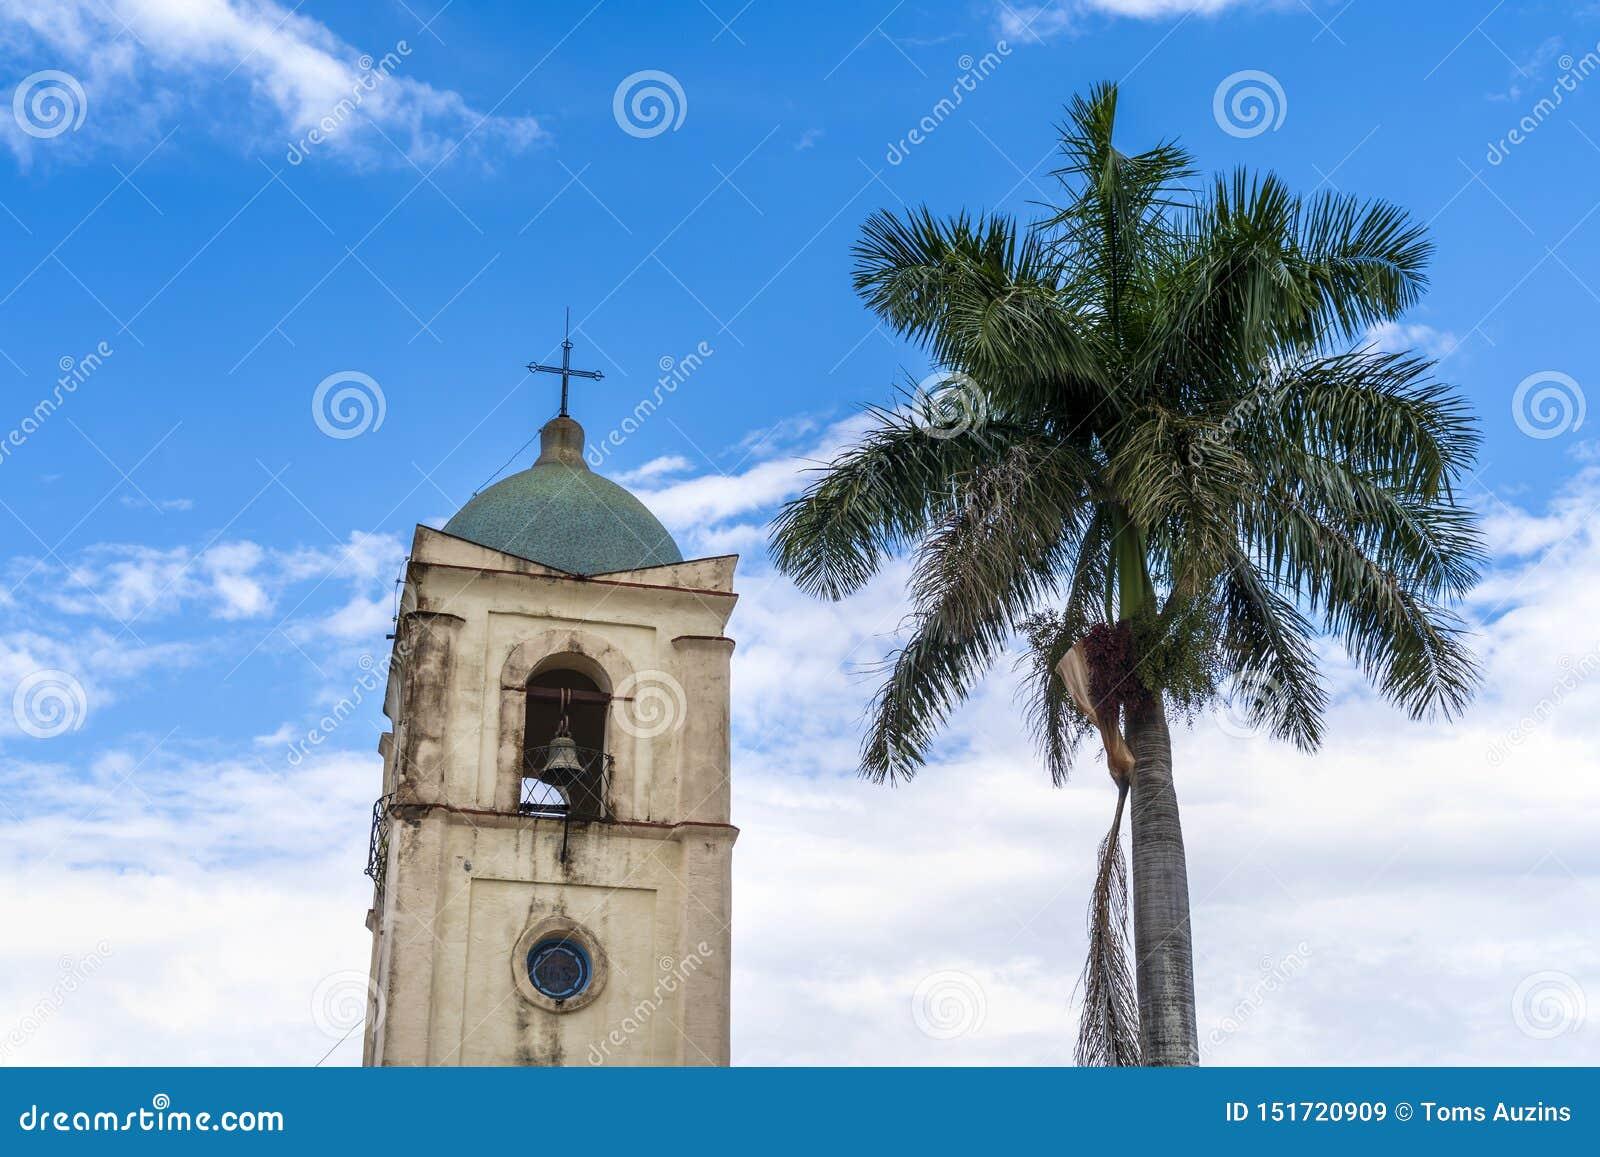 Vinales kościół, UNESCO, Vinales, pinar del rio prowincja, Kuba